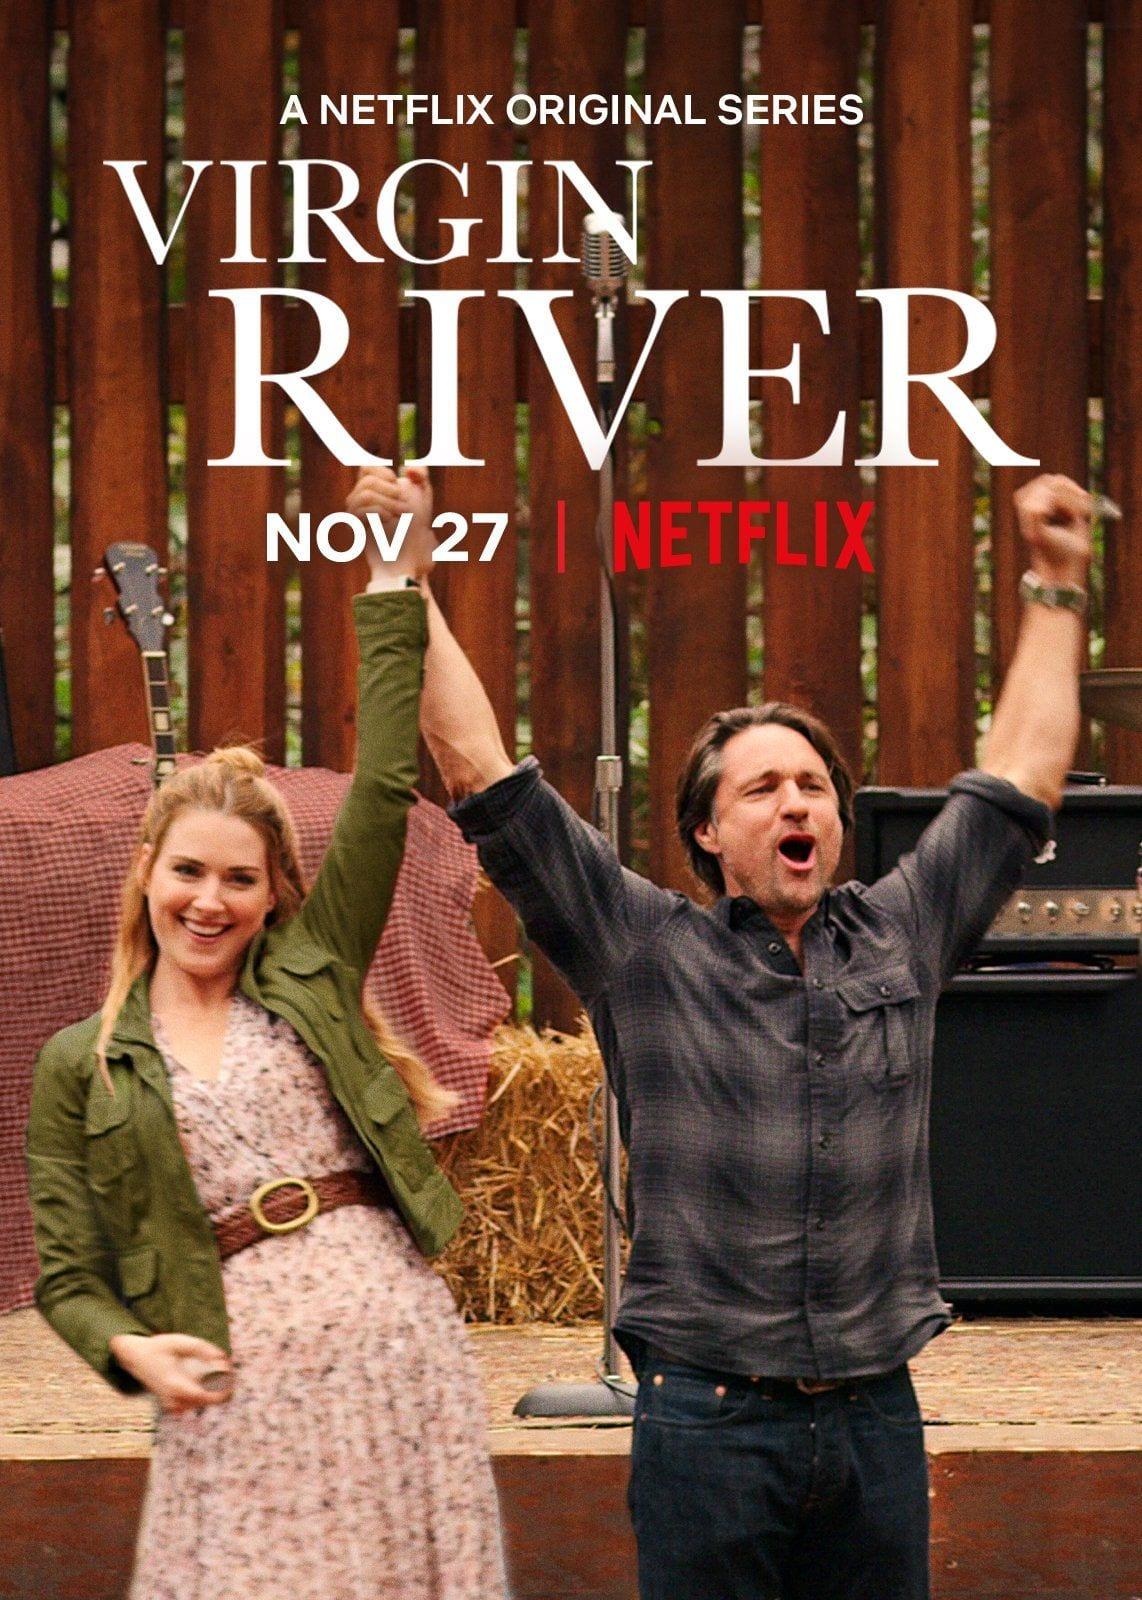 Virgin River teaser image